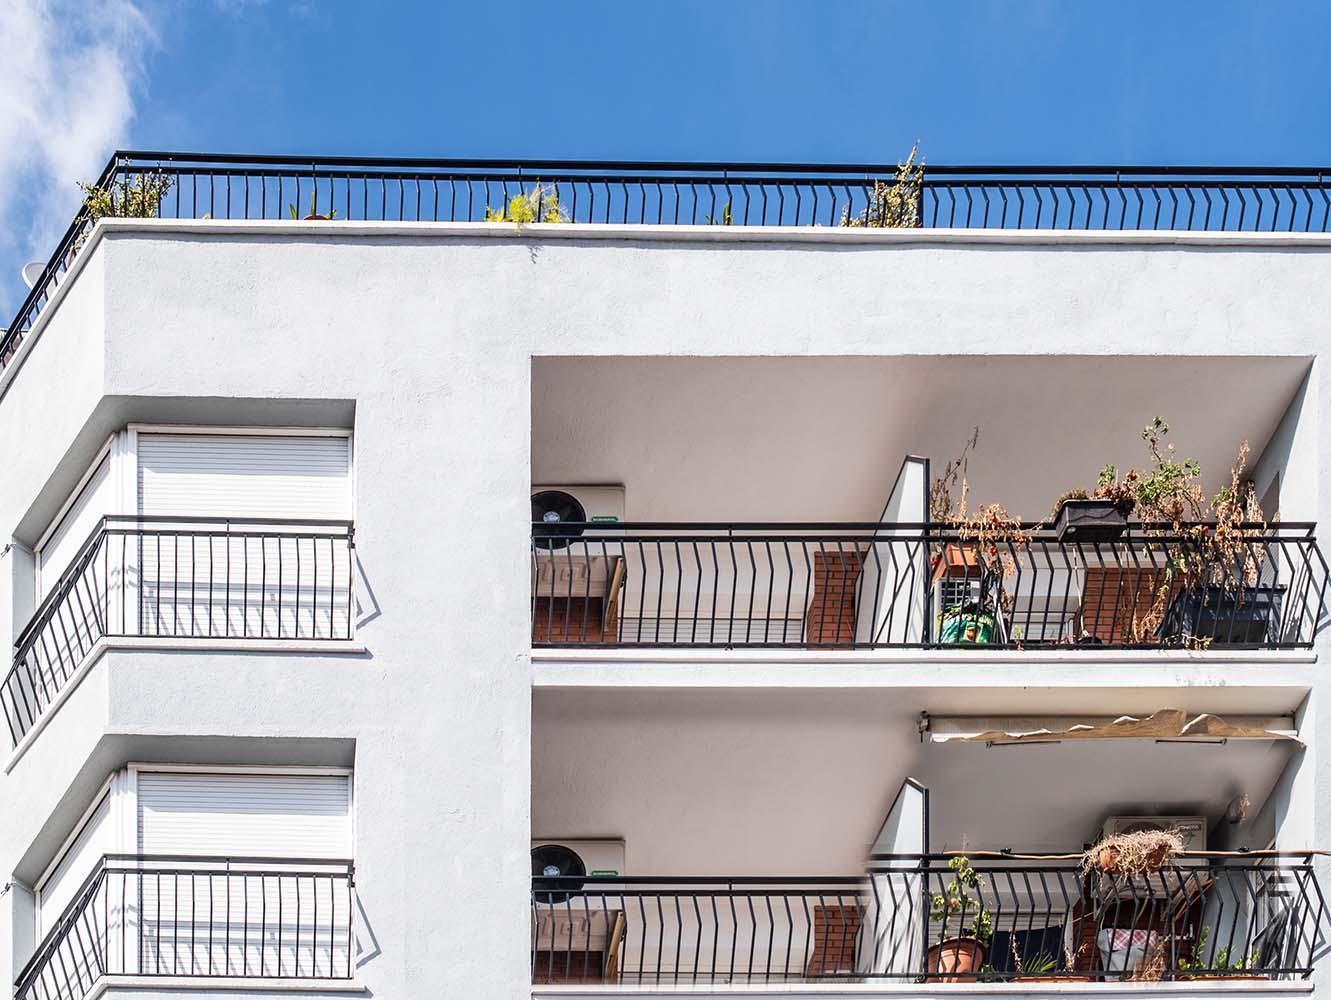 Proyector de rehabilitación barcelona Doctor Pearson 87-89 Terrassa img top